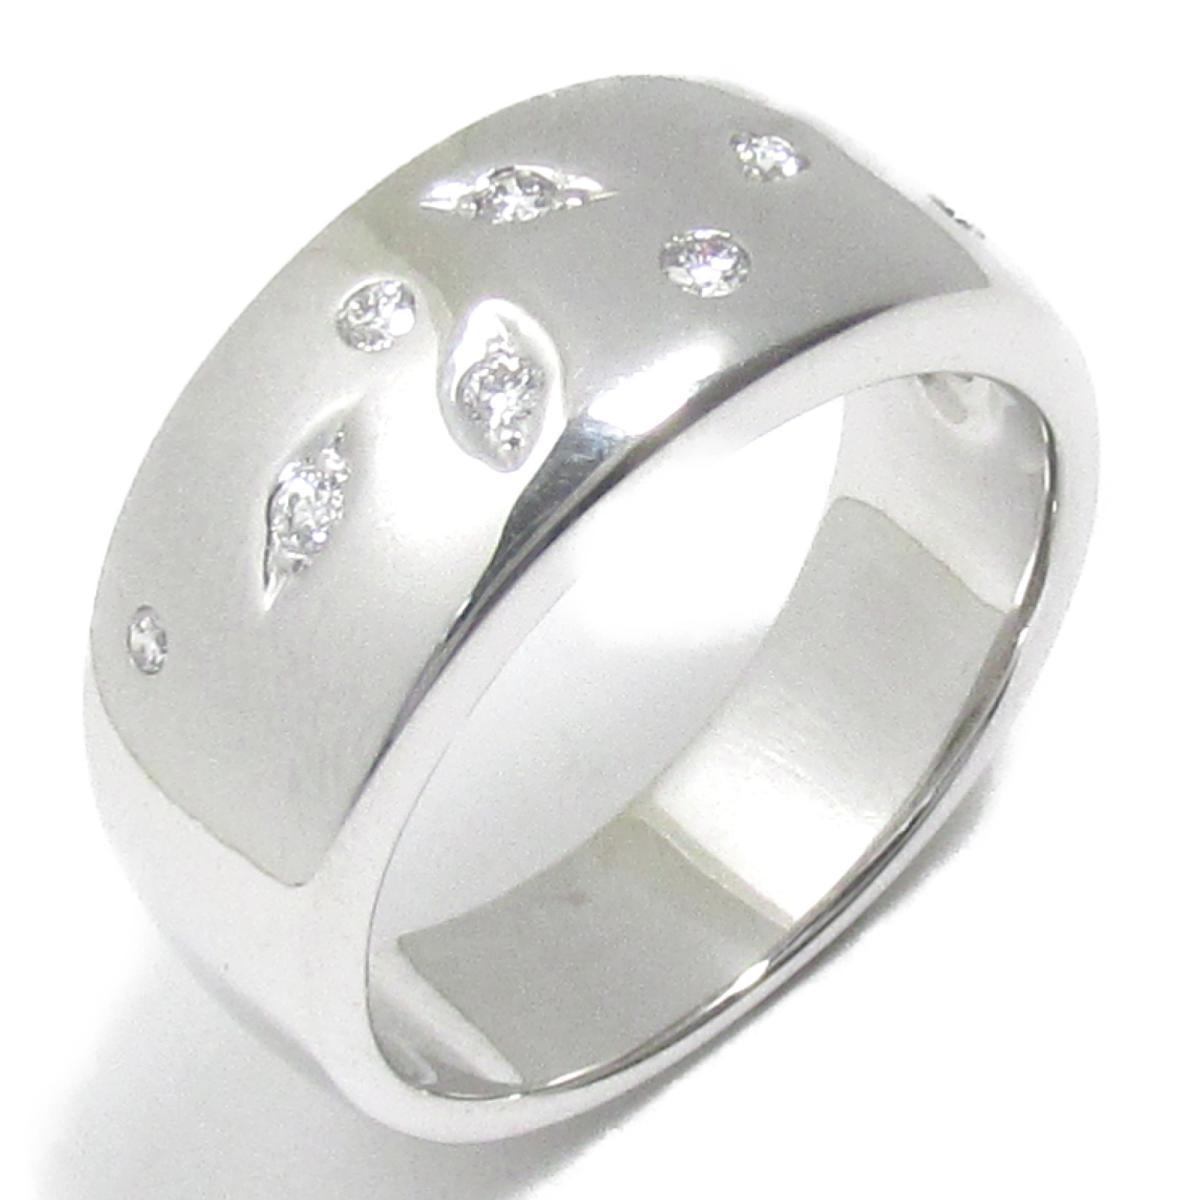 【中古】 タサキ ダイヤモンド リング 指輪 レディース K18WG (750) ホワイトゴールド x (0.09ct) クリアー シルバー | TASAKI BRANDOFF ブランドオフ ブランド ジュエリー アクセサリー